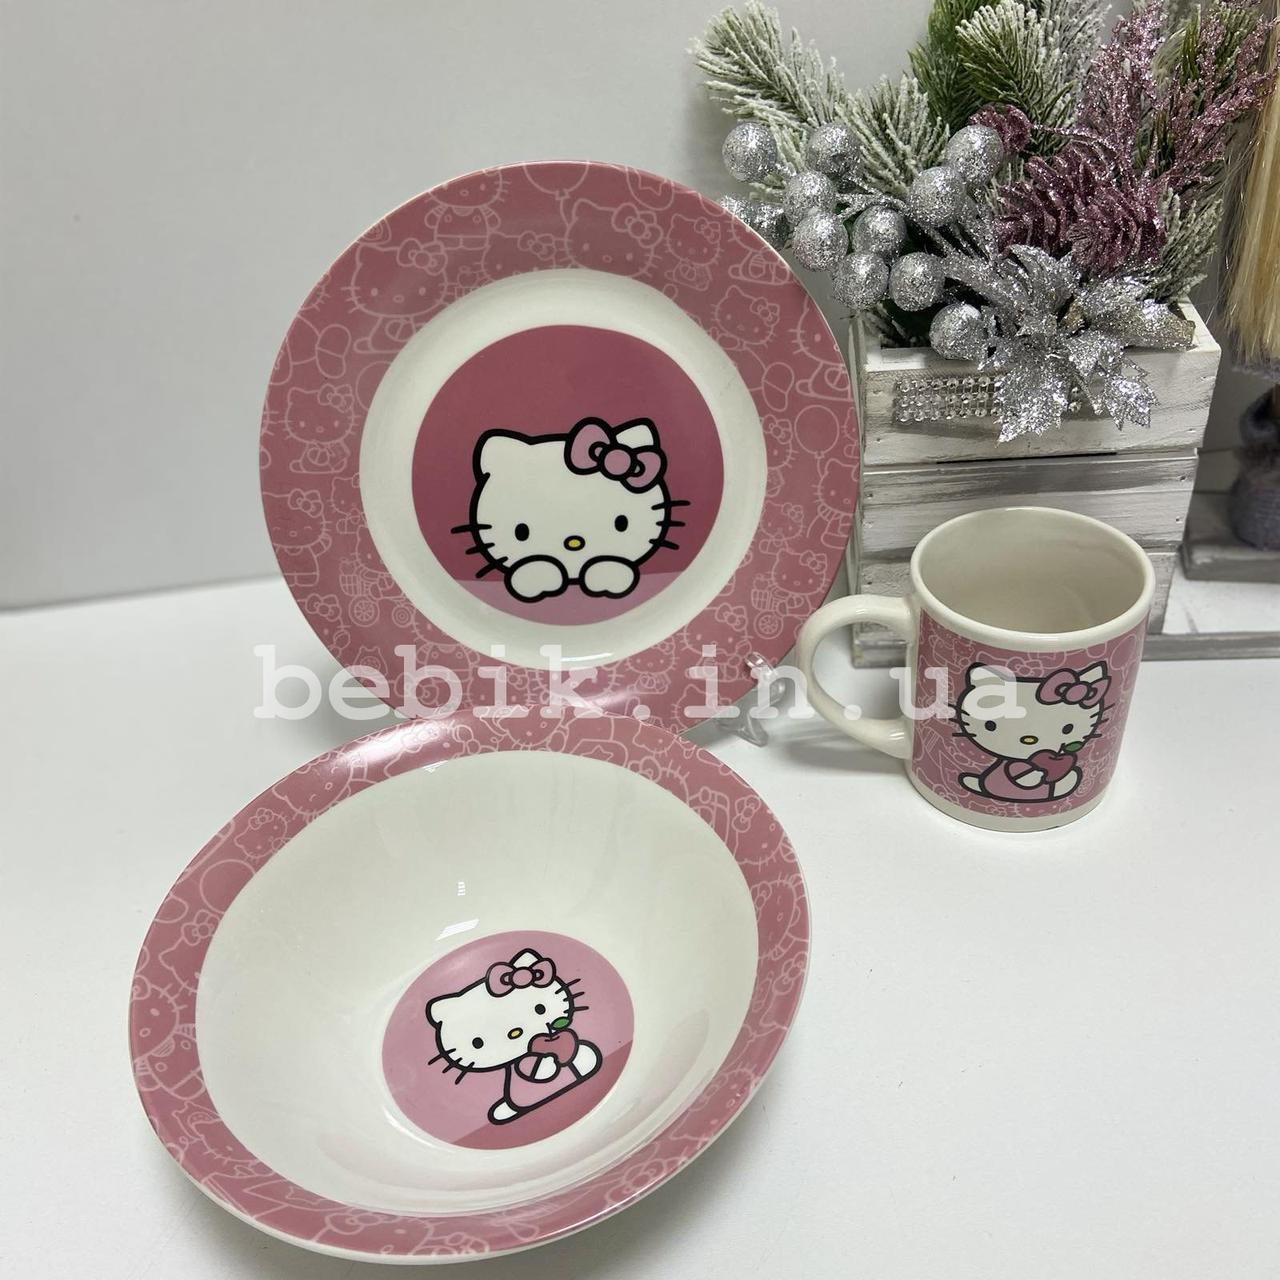 Подарочный набор детской посуды из керамики Hello Kitty